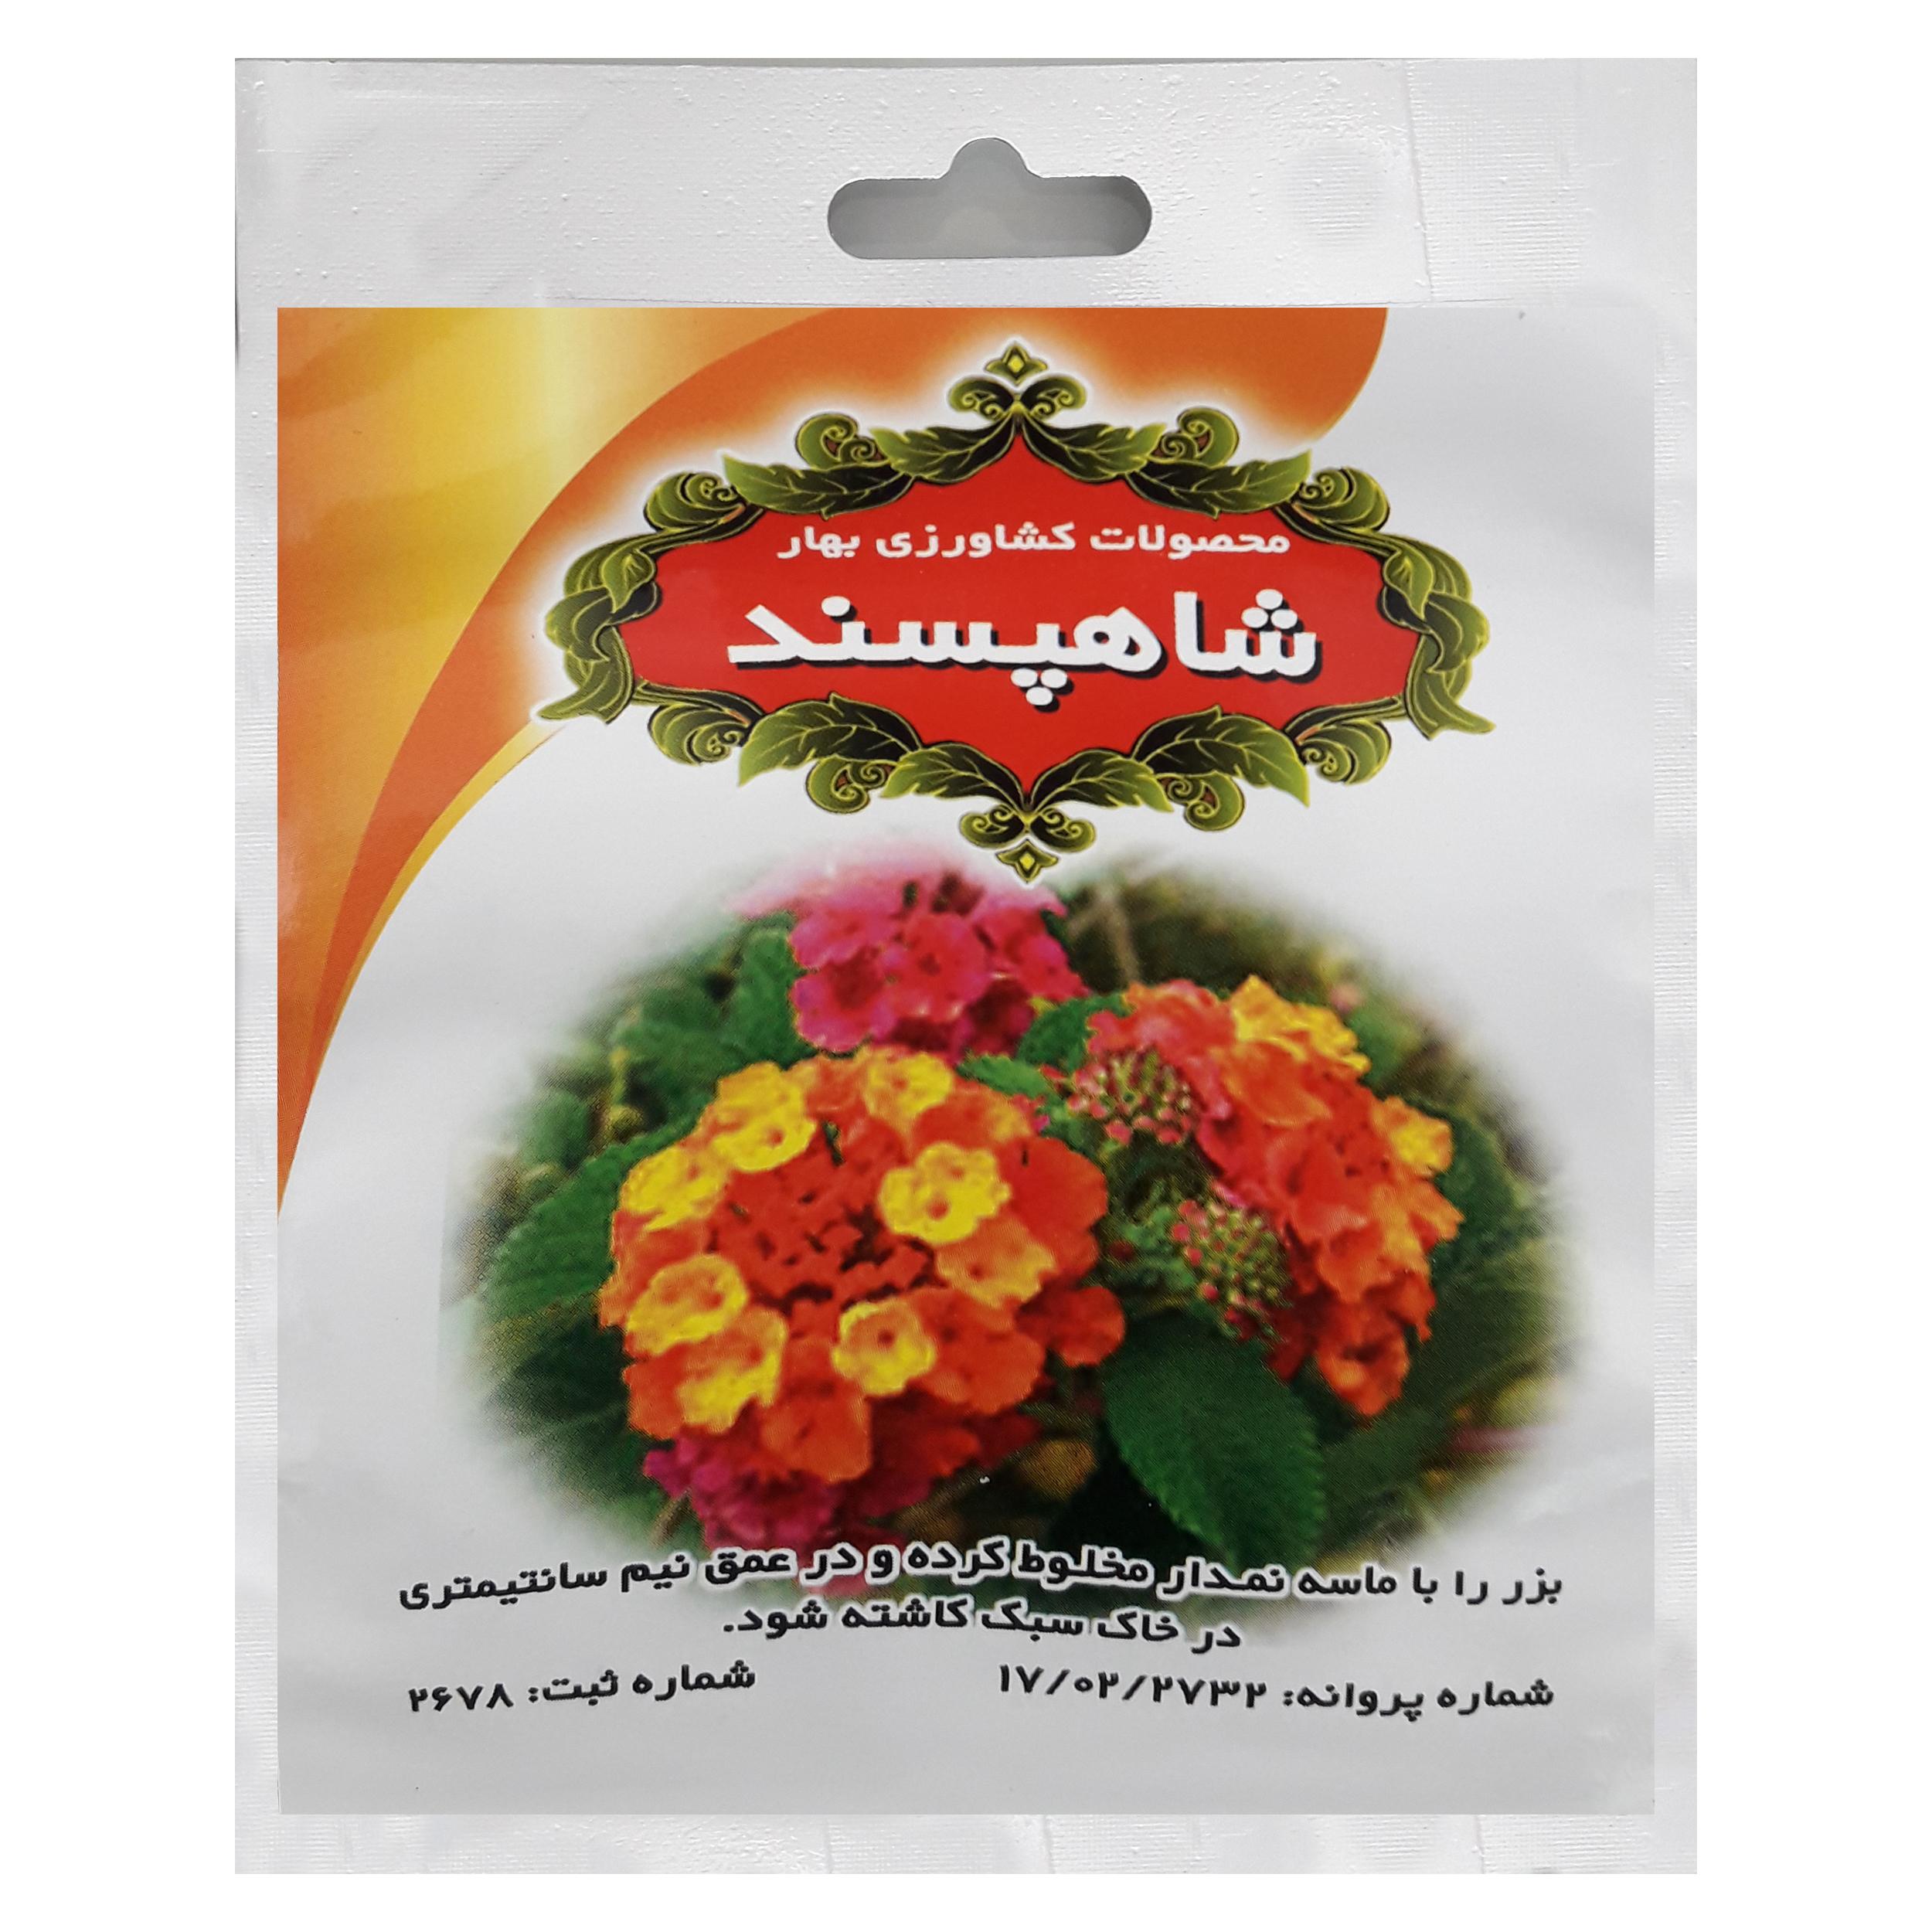 بذر گل شاهپسند محصولات کشاورزی بهار کد 008